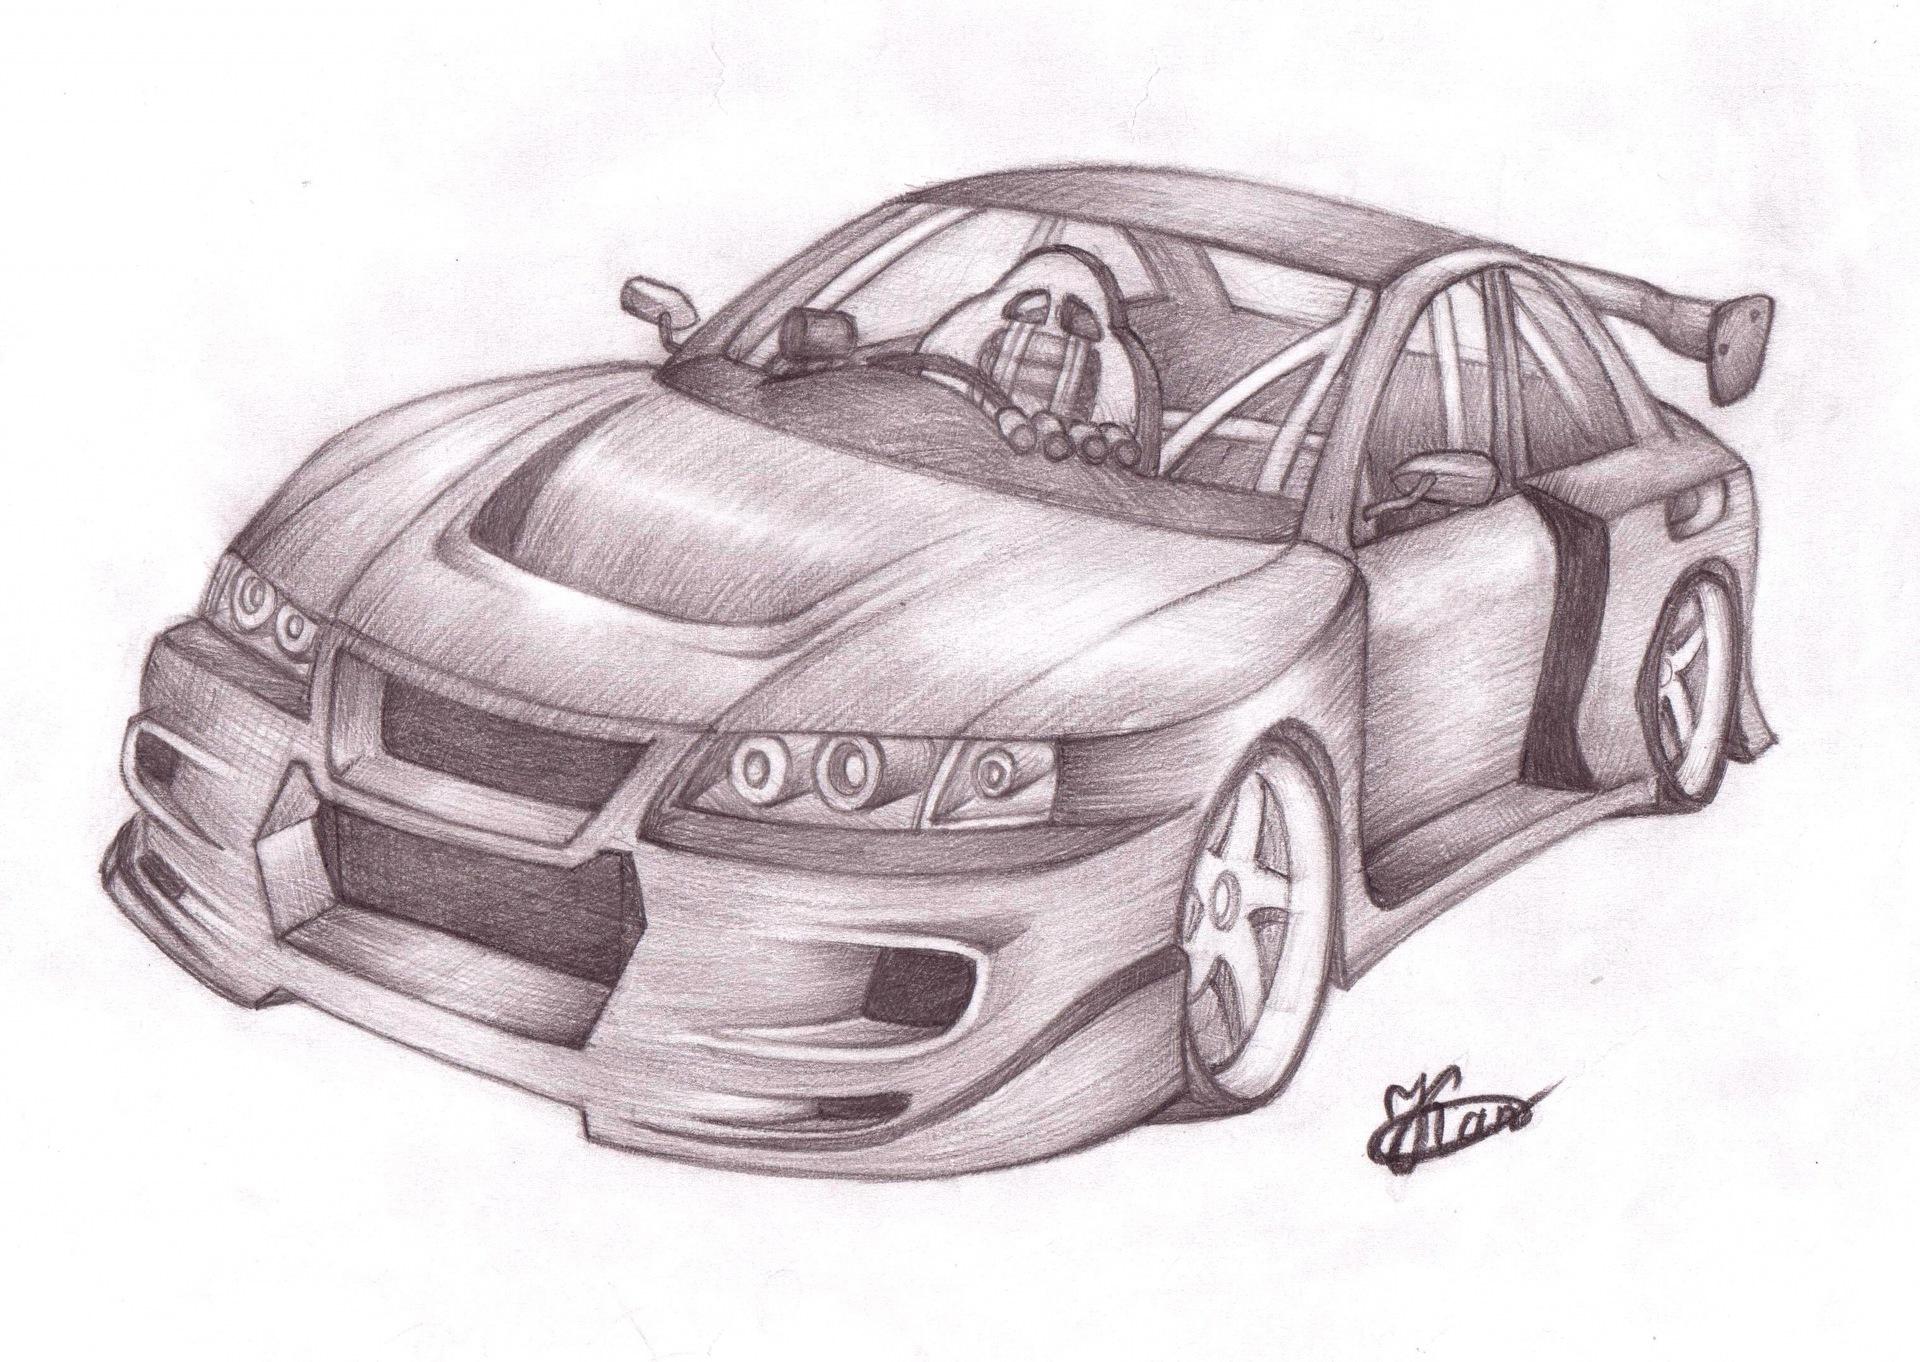 я рисую, сдесь и новый и старые рисунки ...: drive2.ru/b/288230376152006918